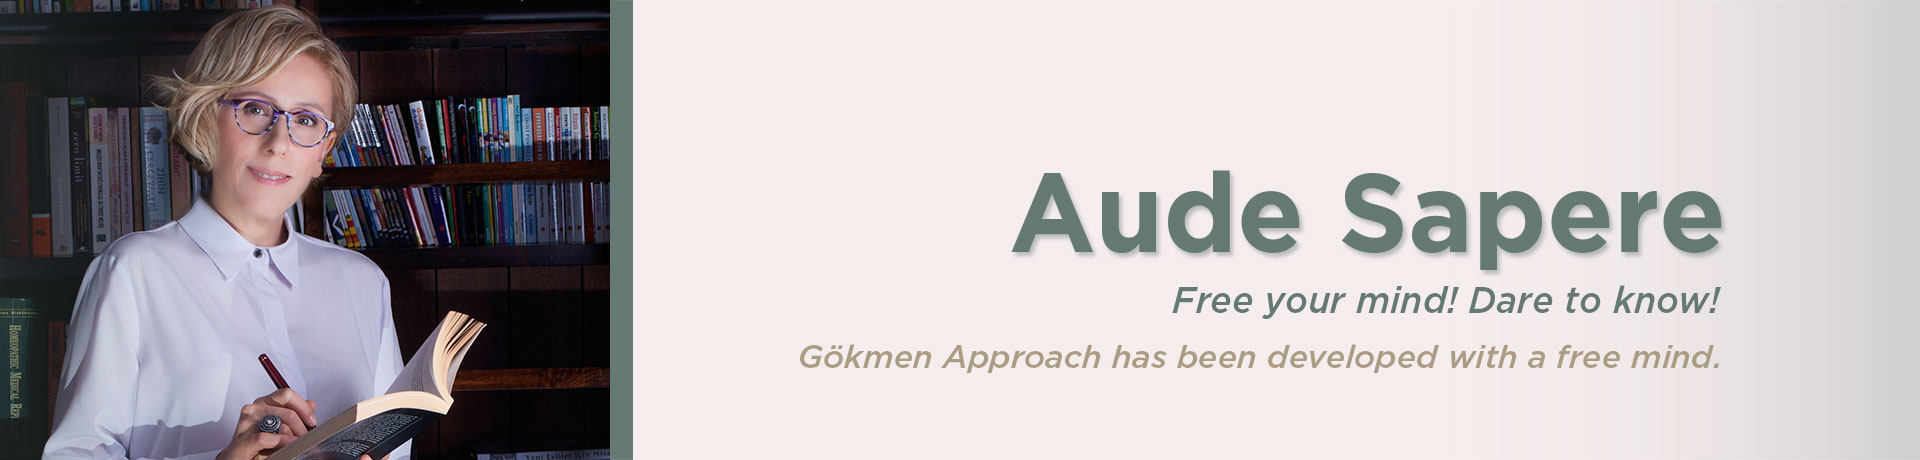 Gokmen Approach image Dr. Emel Gokmen